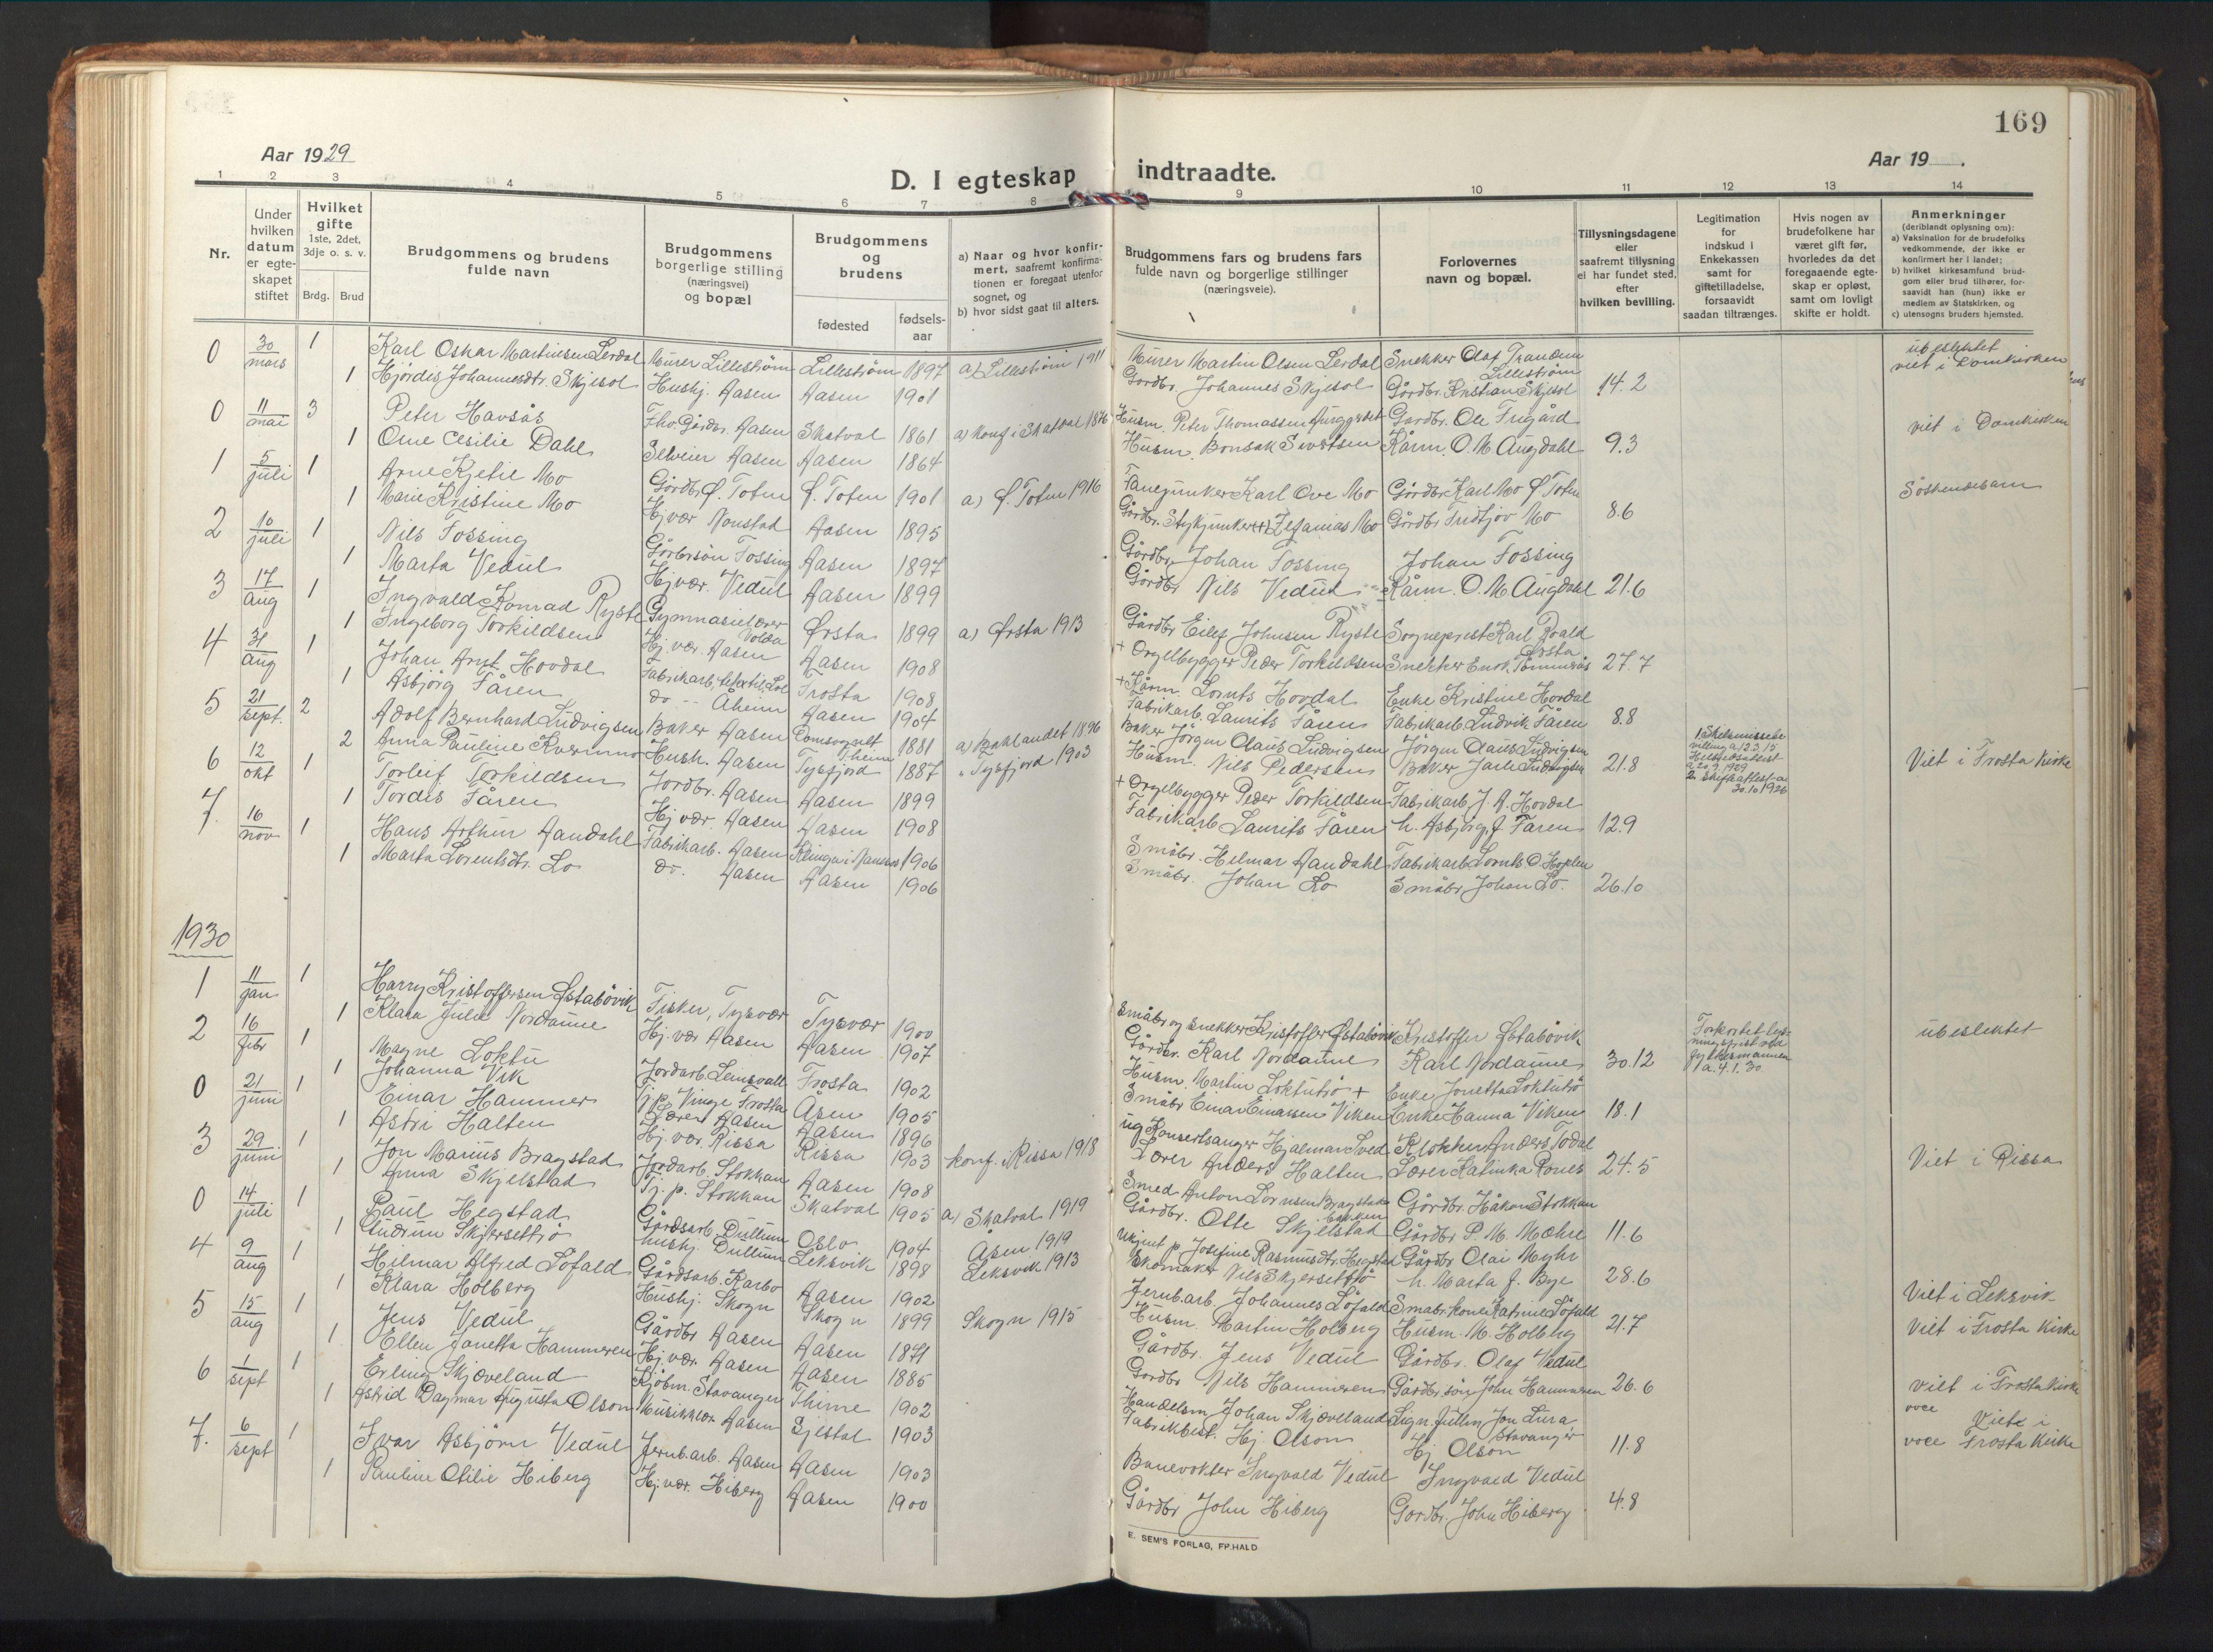 SAT, Ministerialprotokoller, klokkerbøker og fødselsregistre - Nord-Trøndelag, 714/L0136: Klokkerbok nr. 714C05, 1918-1957, s. 169